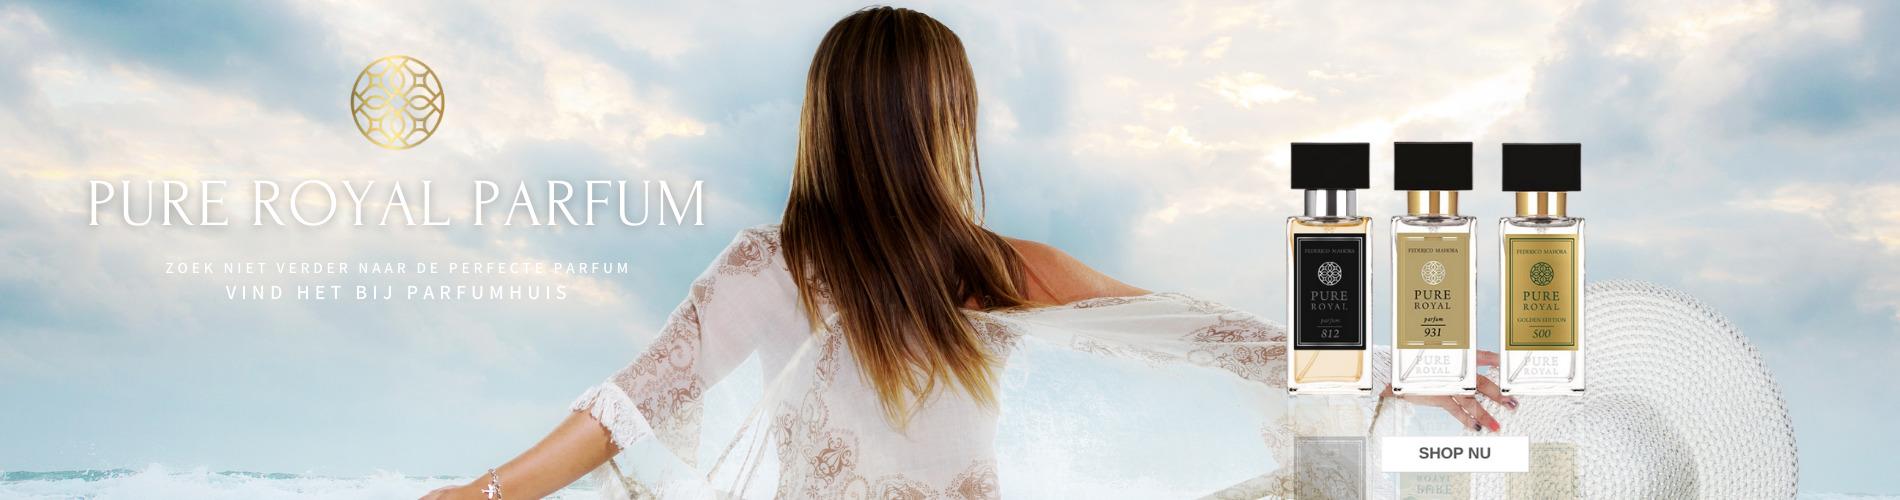 Parfumhuis | Pure Royal Parfum voor dames